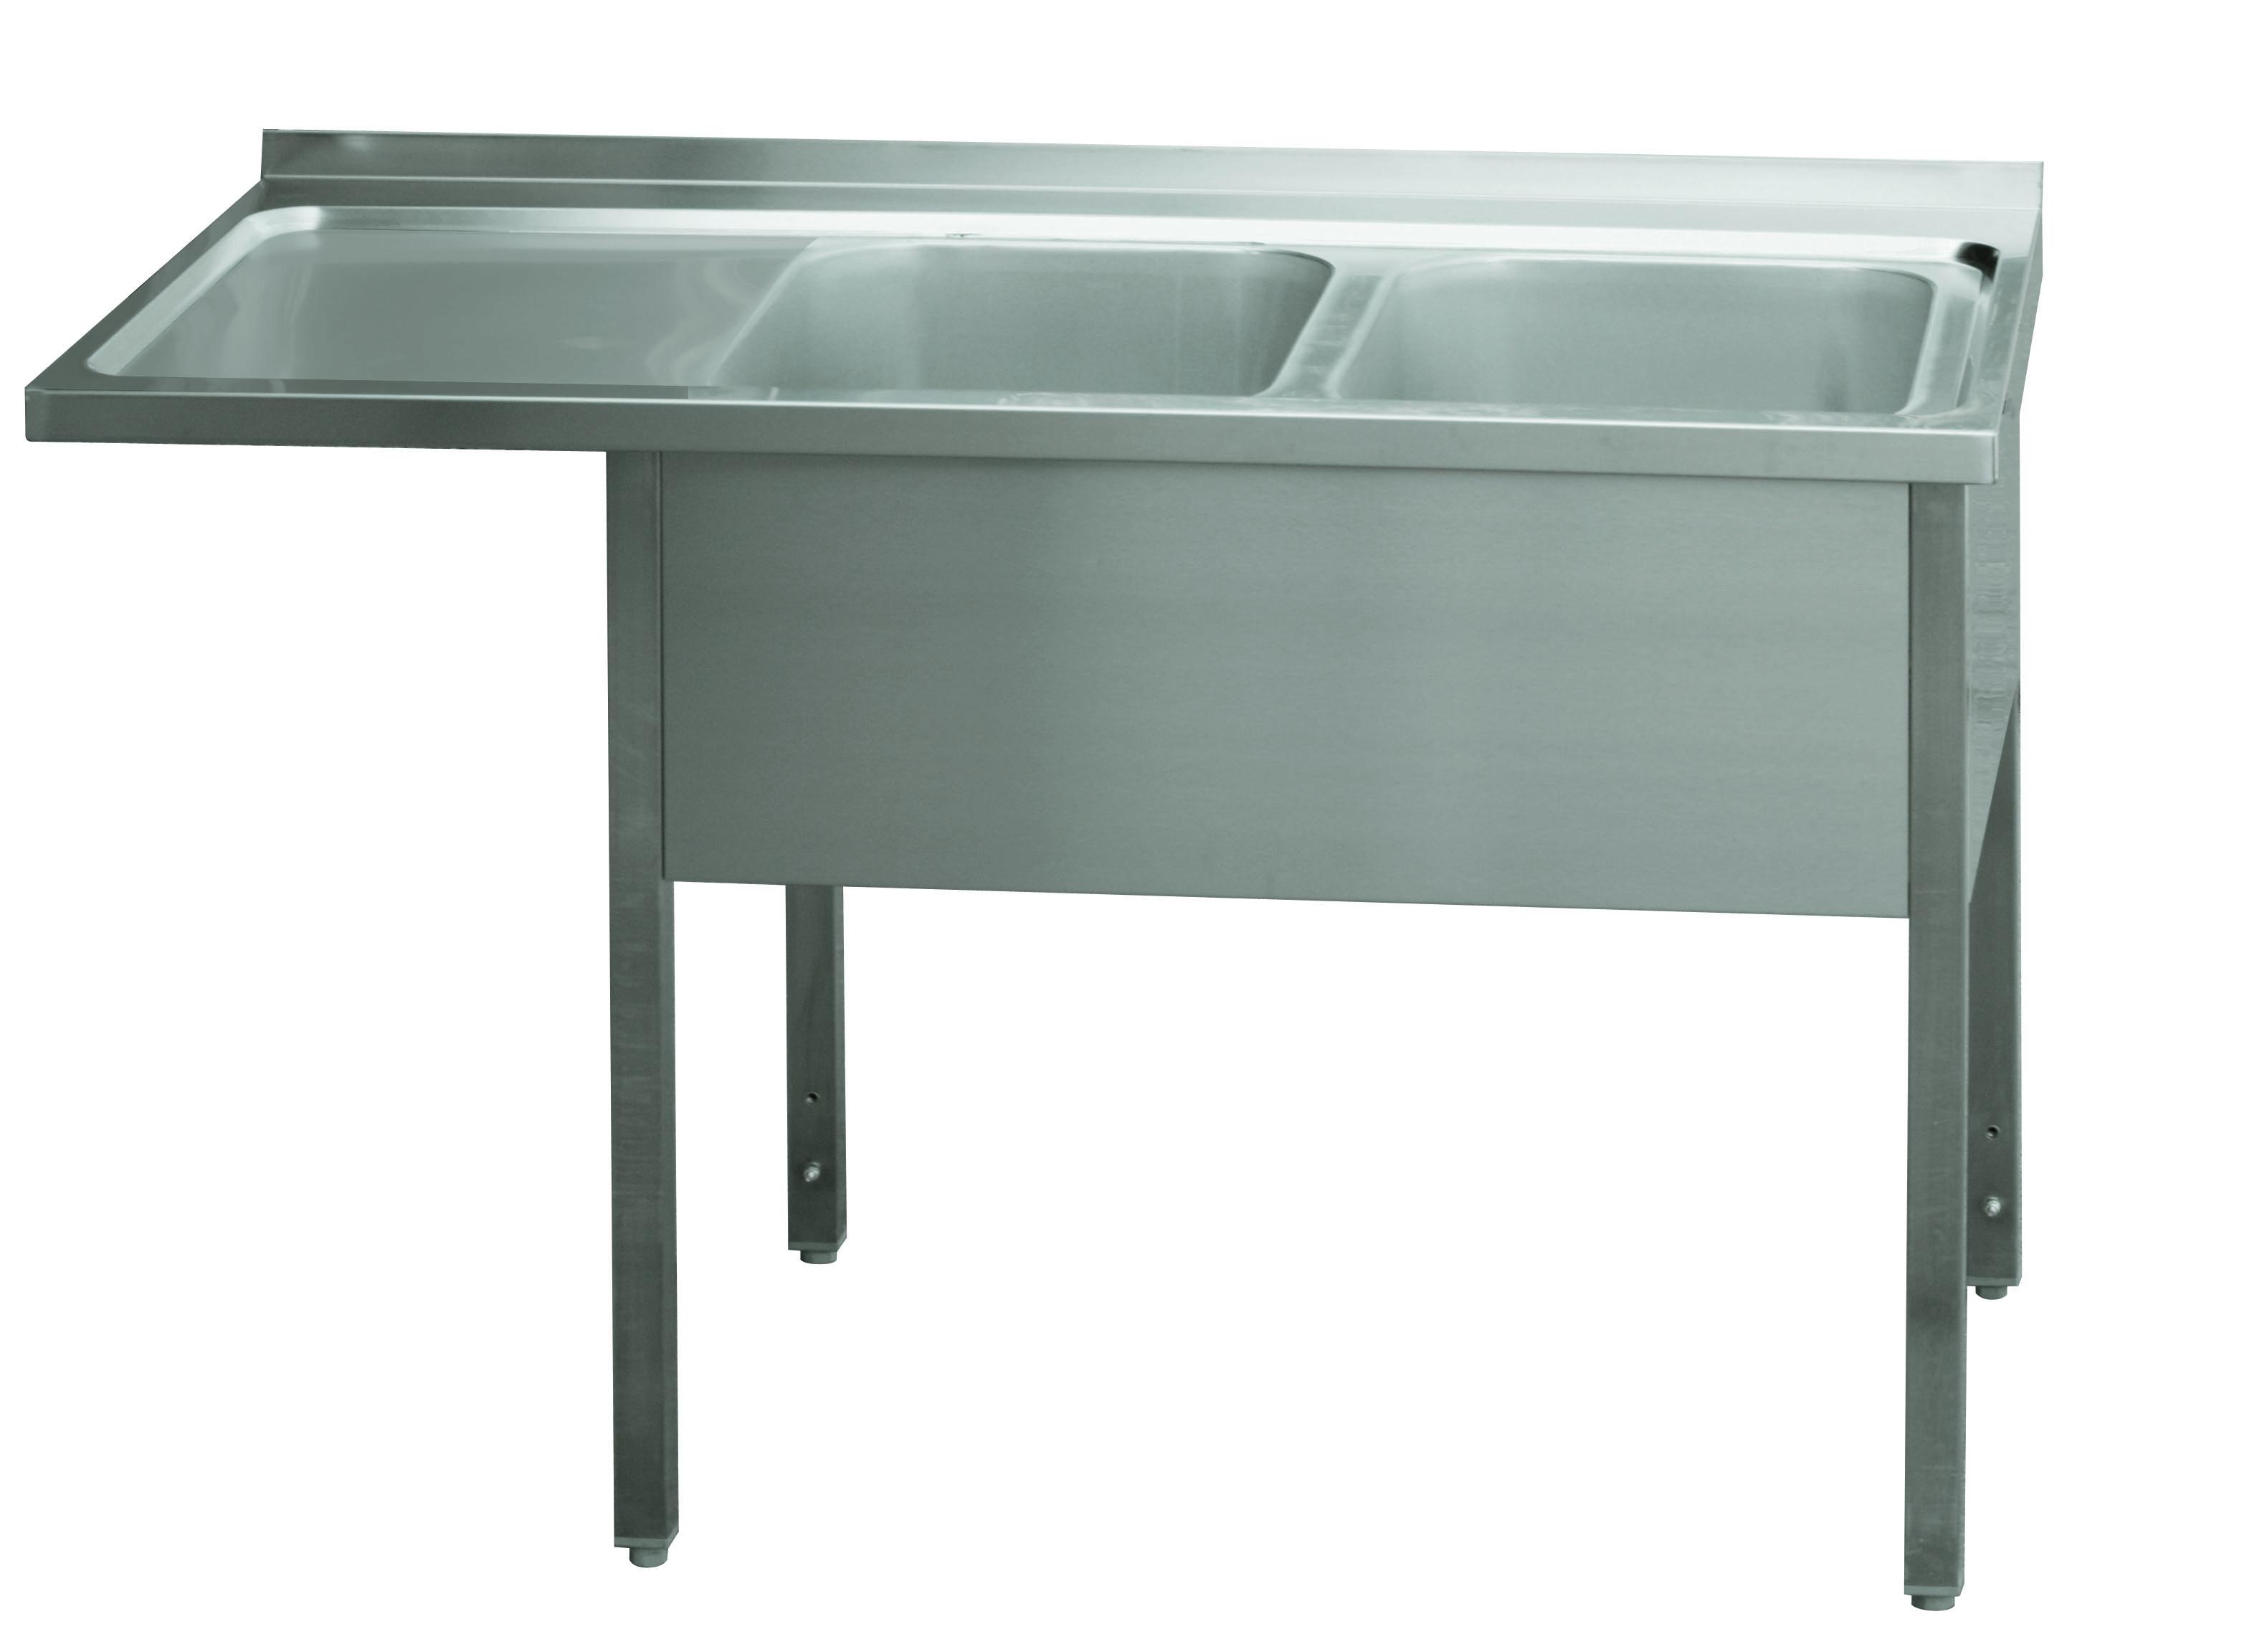 Stůl mycí dvoudřez MSDOL/M 190x70x90 REDFOX